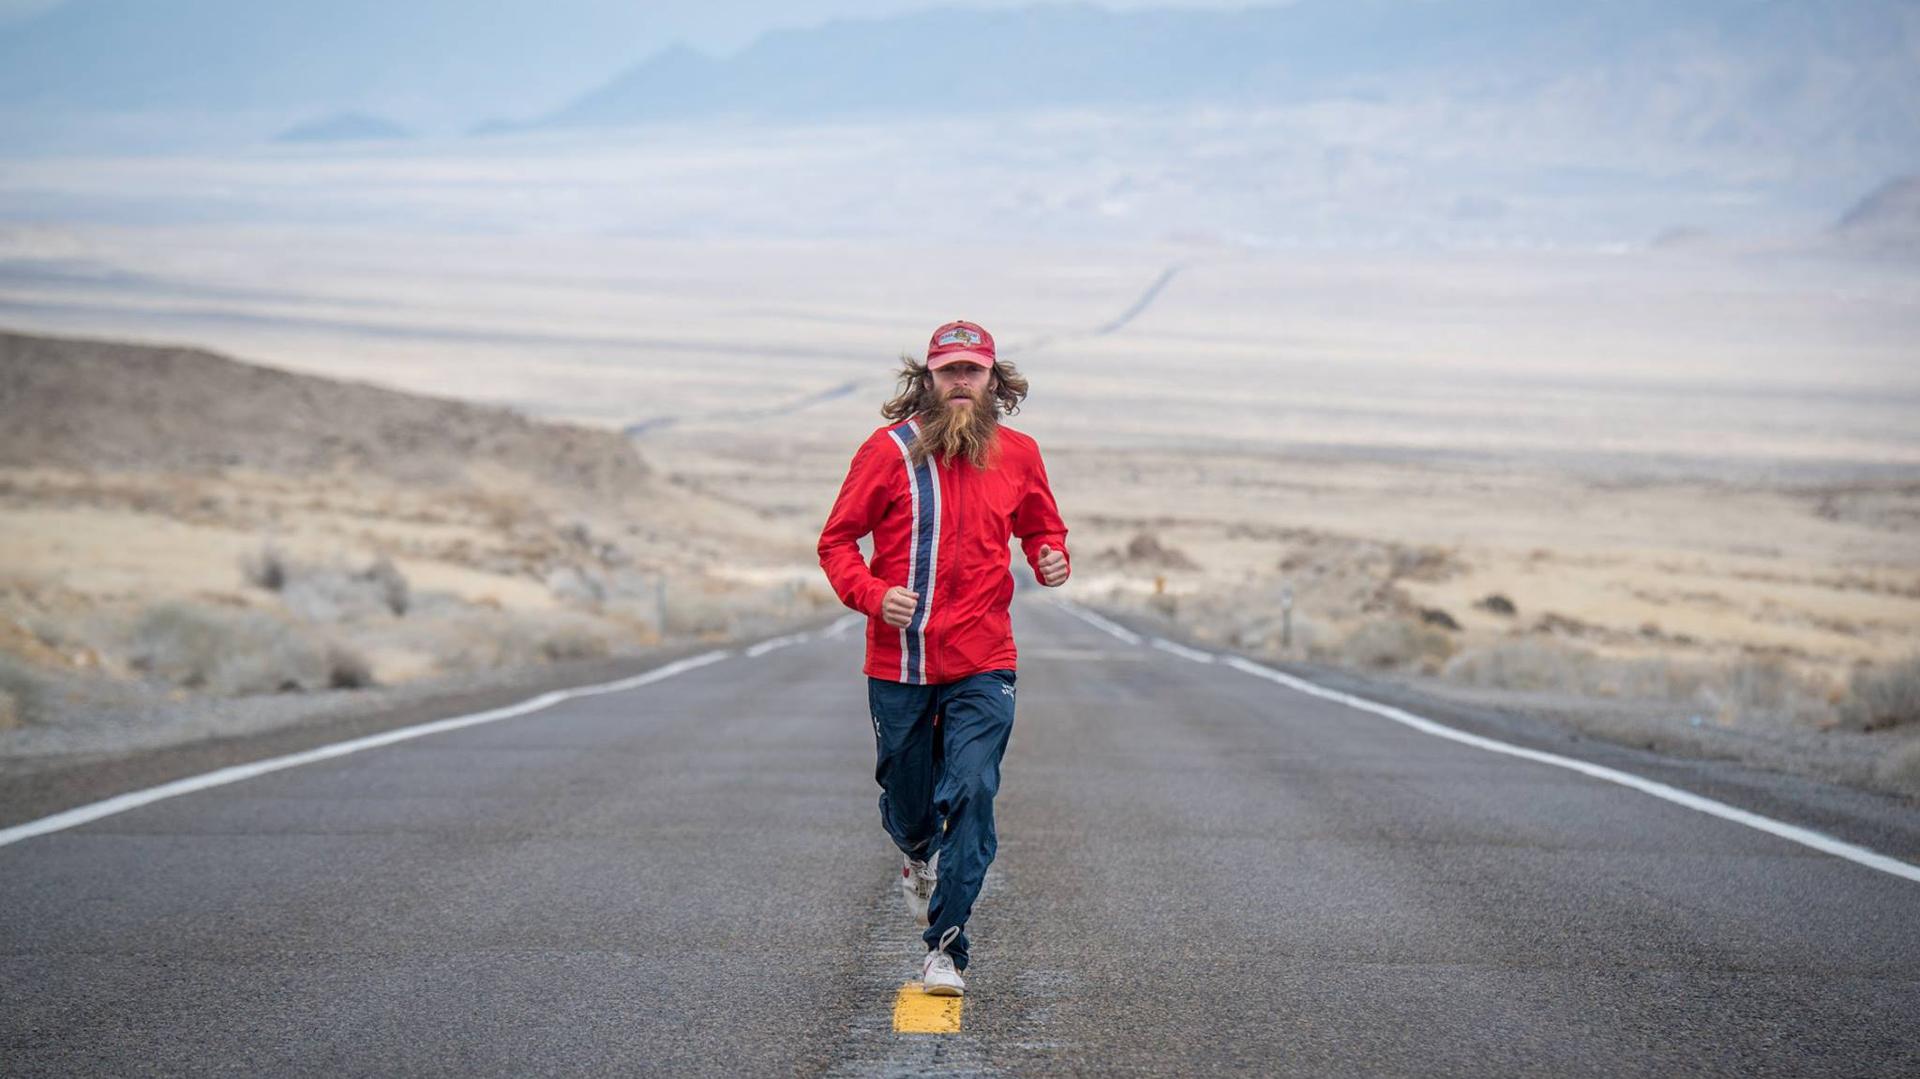 Fanático de Forrest Gump, Pope imitó su aventura (Facebook/Run Robla Run – Going The Distance)